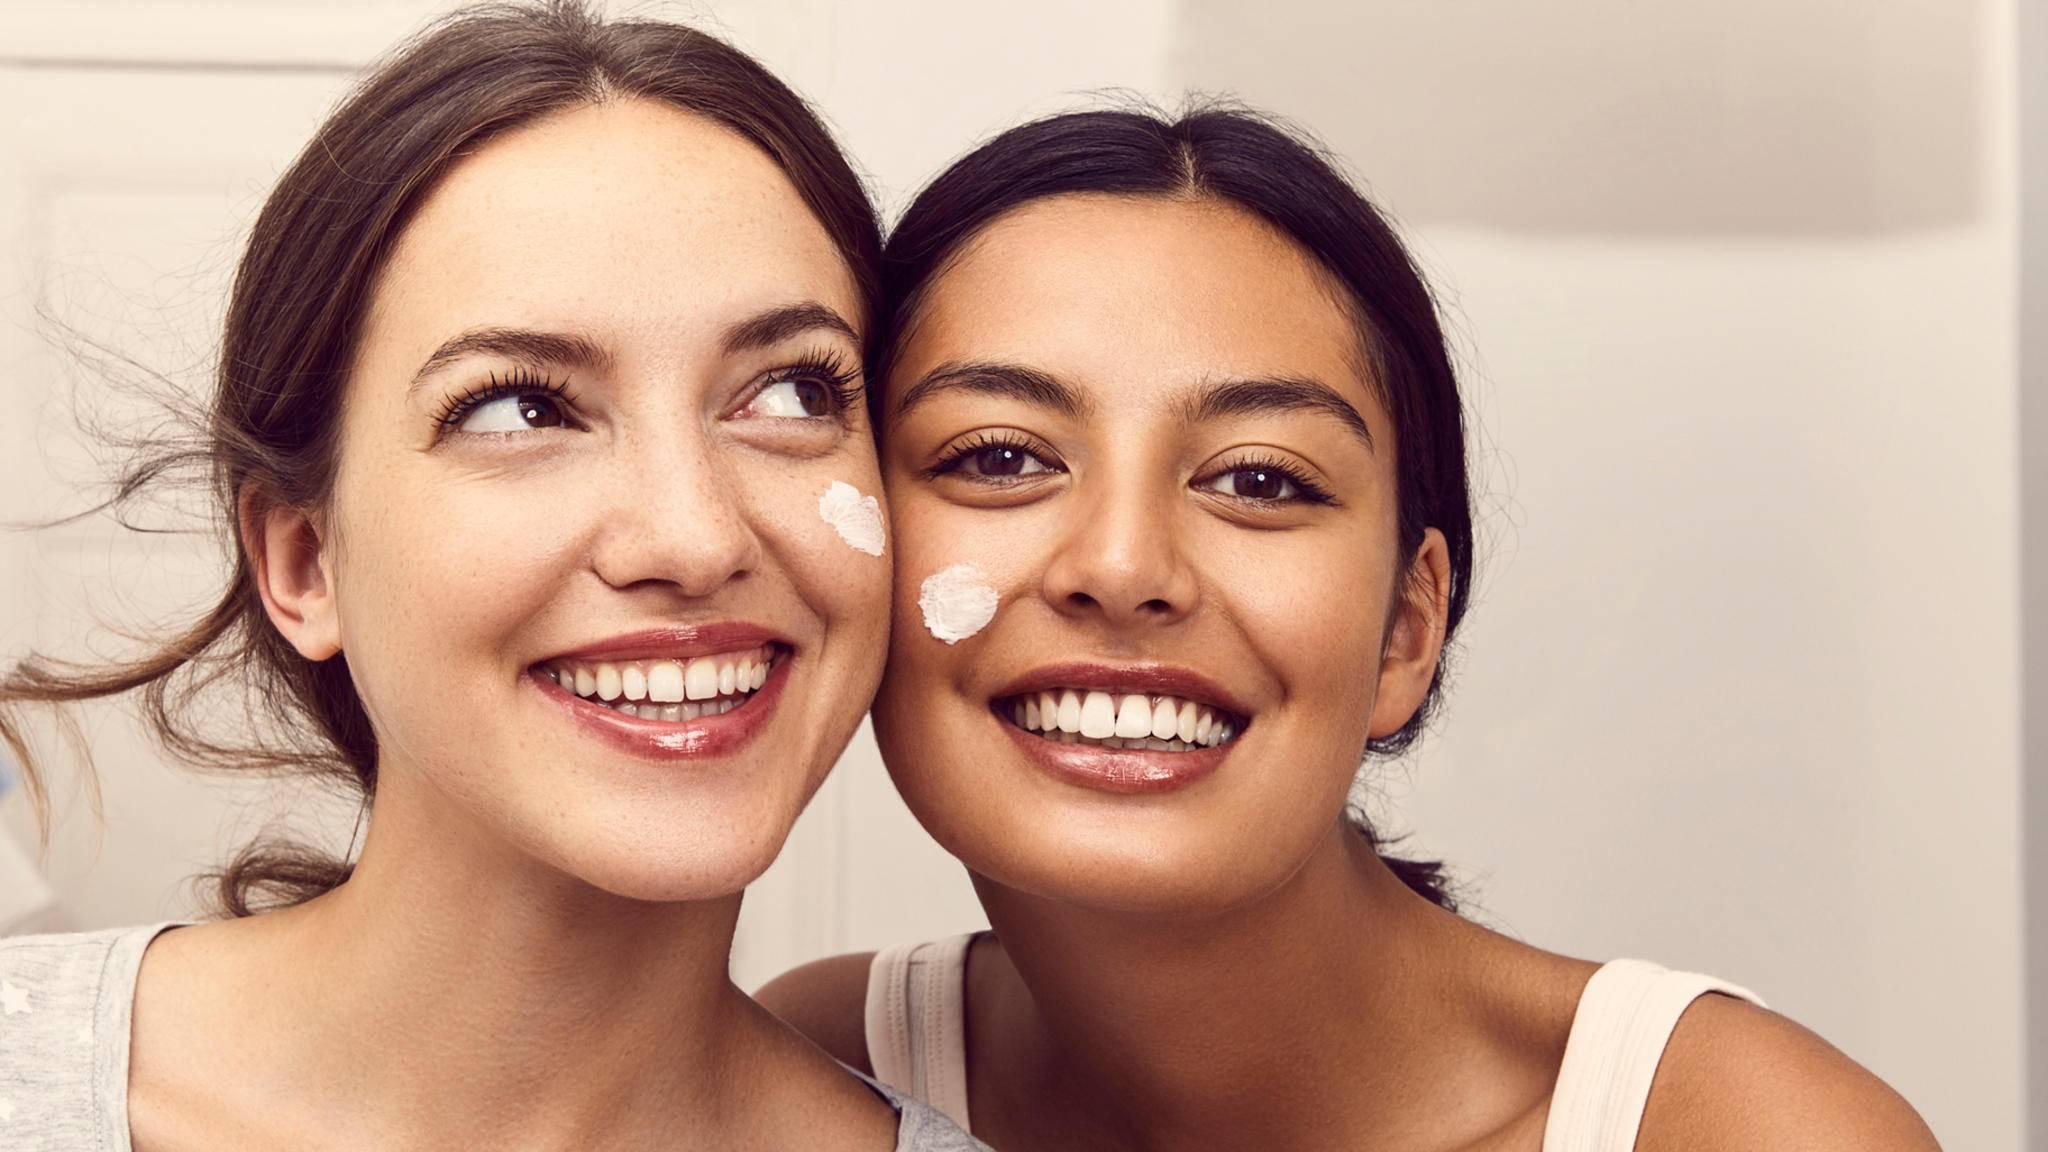 Die perfekt auf den Hauttyp abgestimmte Pflege? Dabei soll eine KI weiterhelfen.